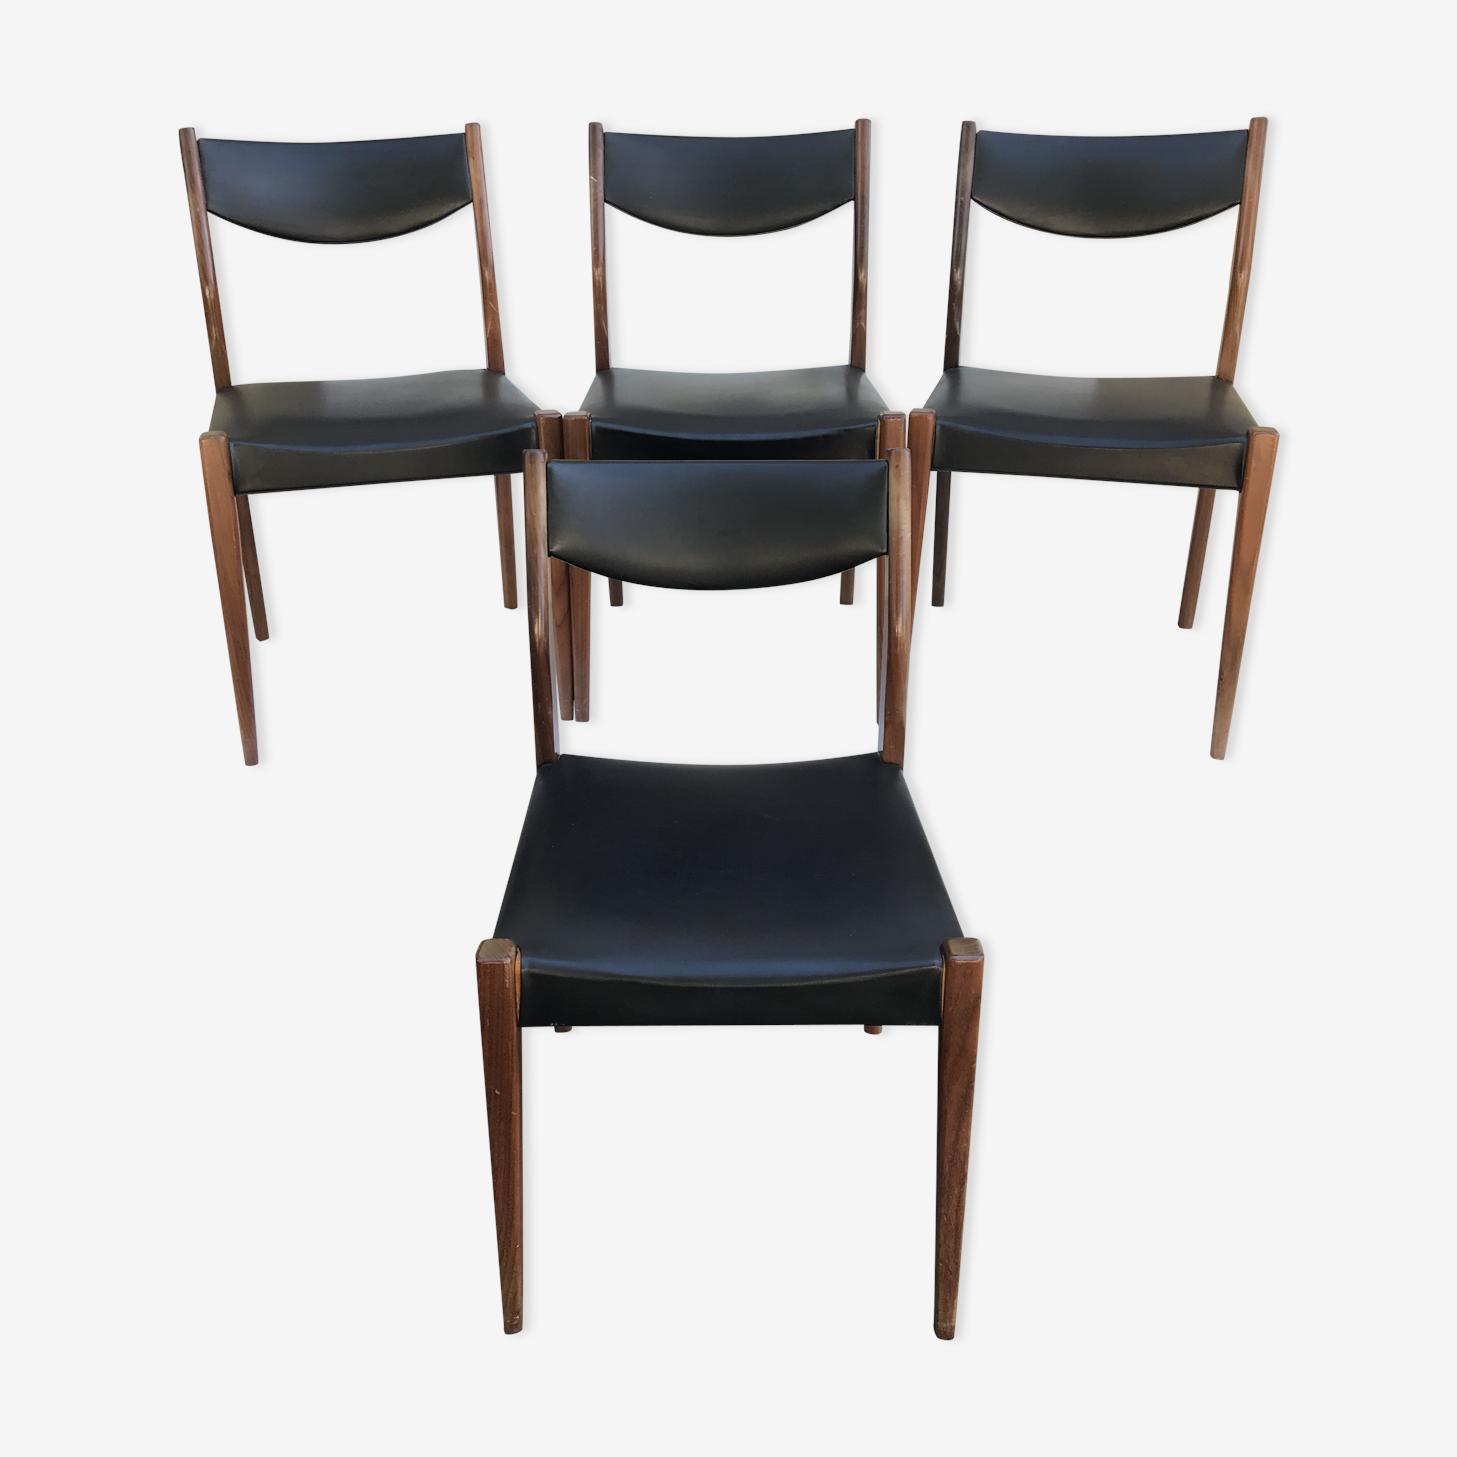 Série de 4 chaises anciennes scandinaves bois